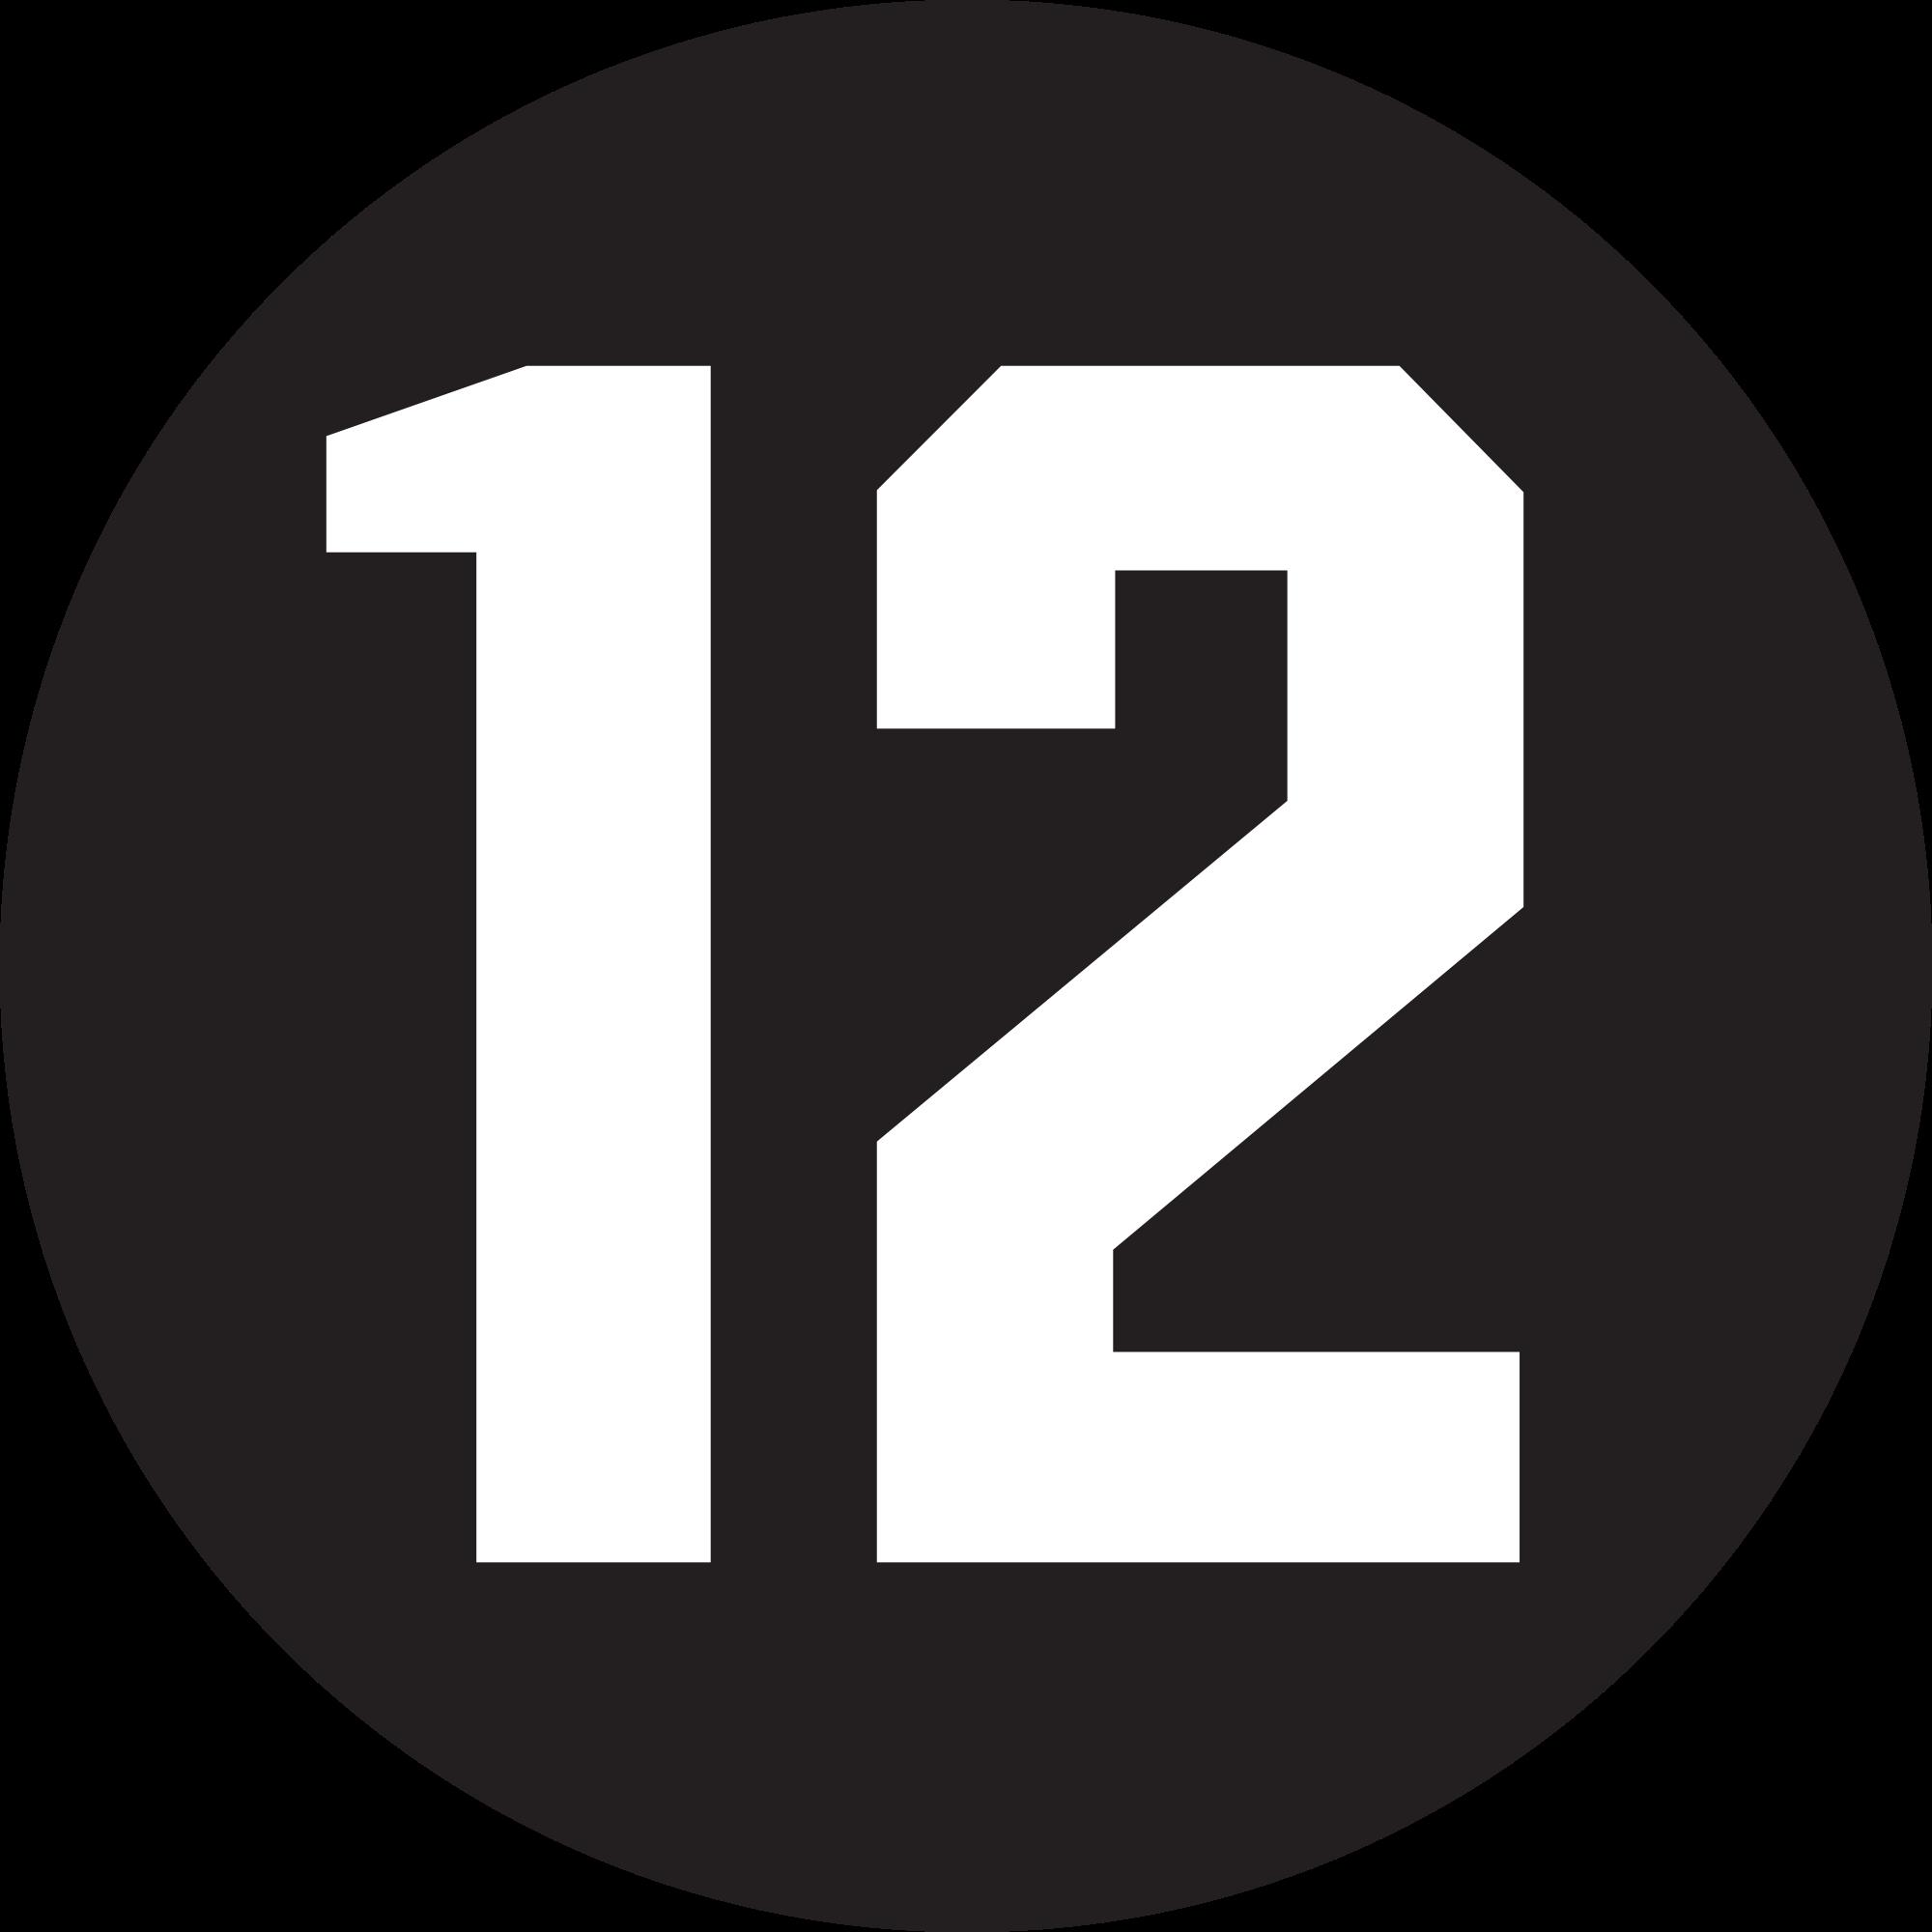 File:Kijkwijzer 12.png.